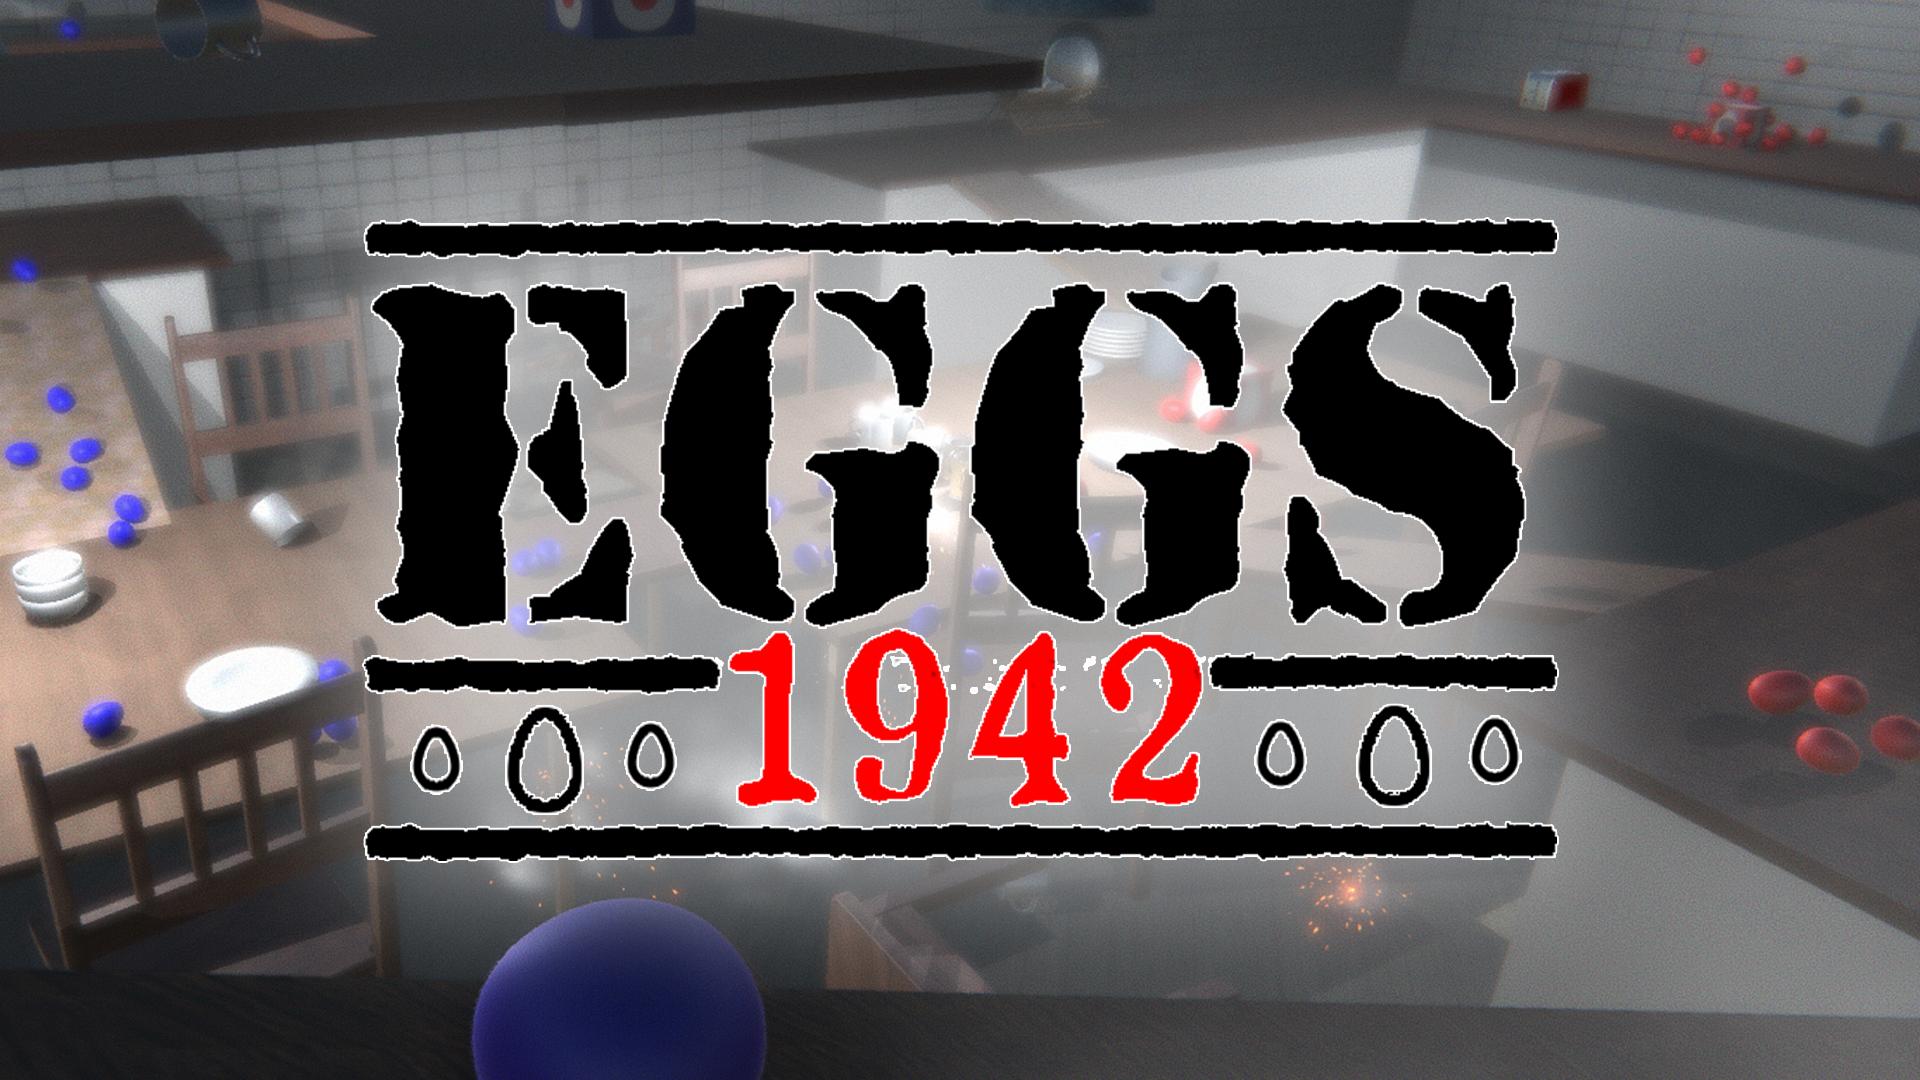 eggthing